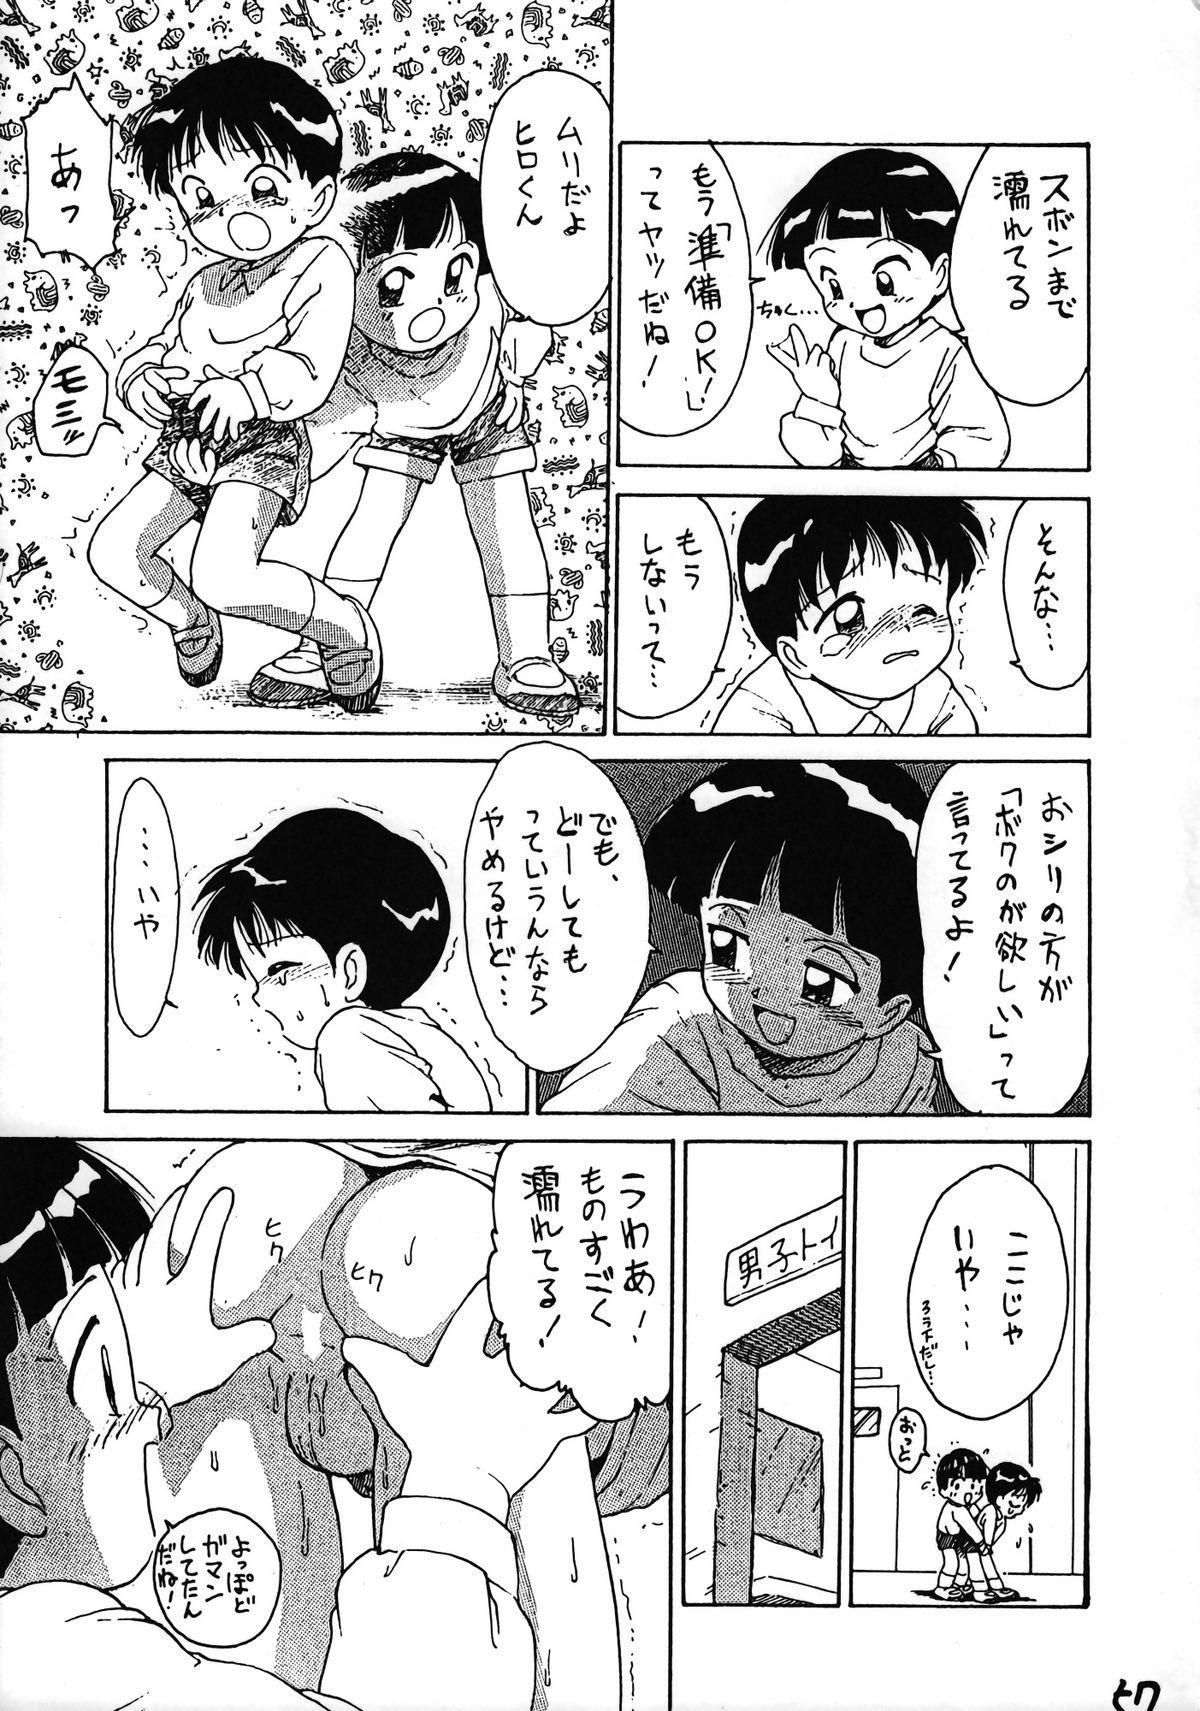 Ikenai! Otokonoko Hon Boy's H Book 2 57